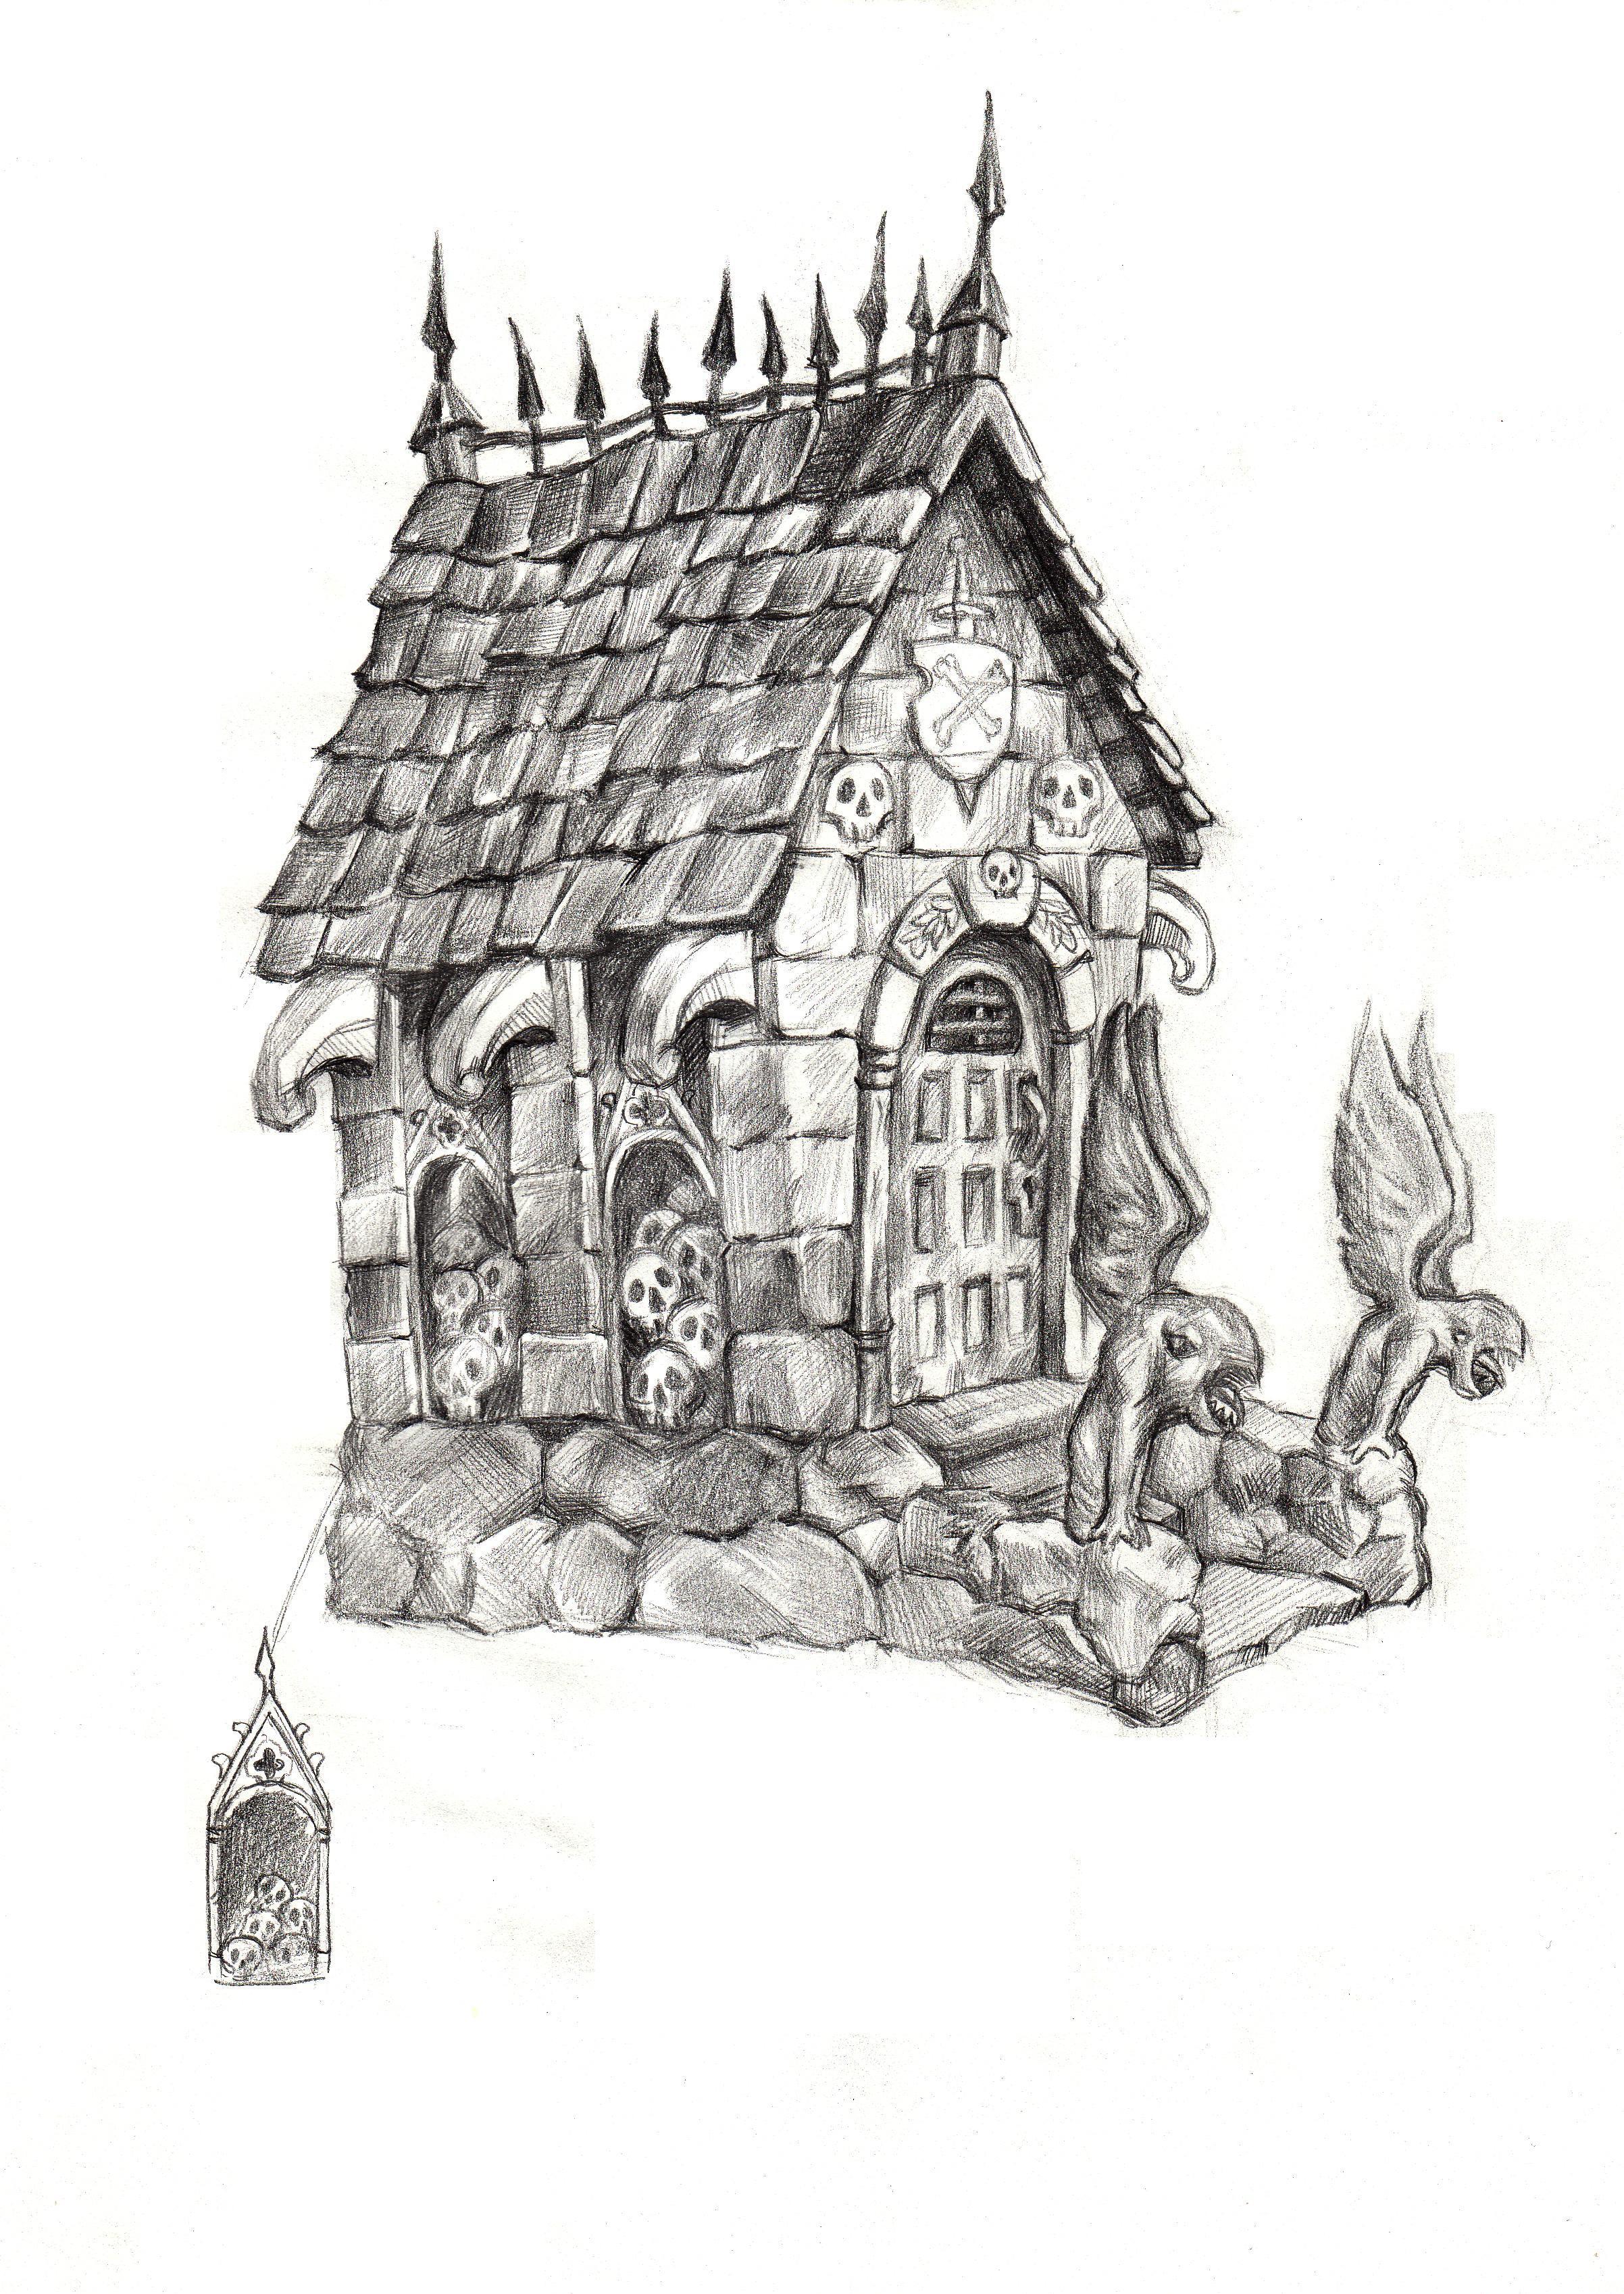 人物场景设计|插画|游戏原画|ceresding - 原创作品